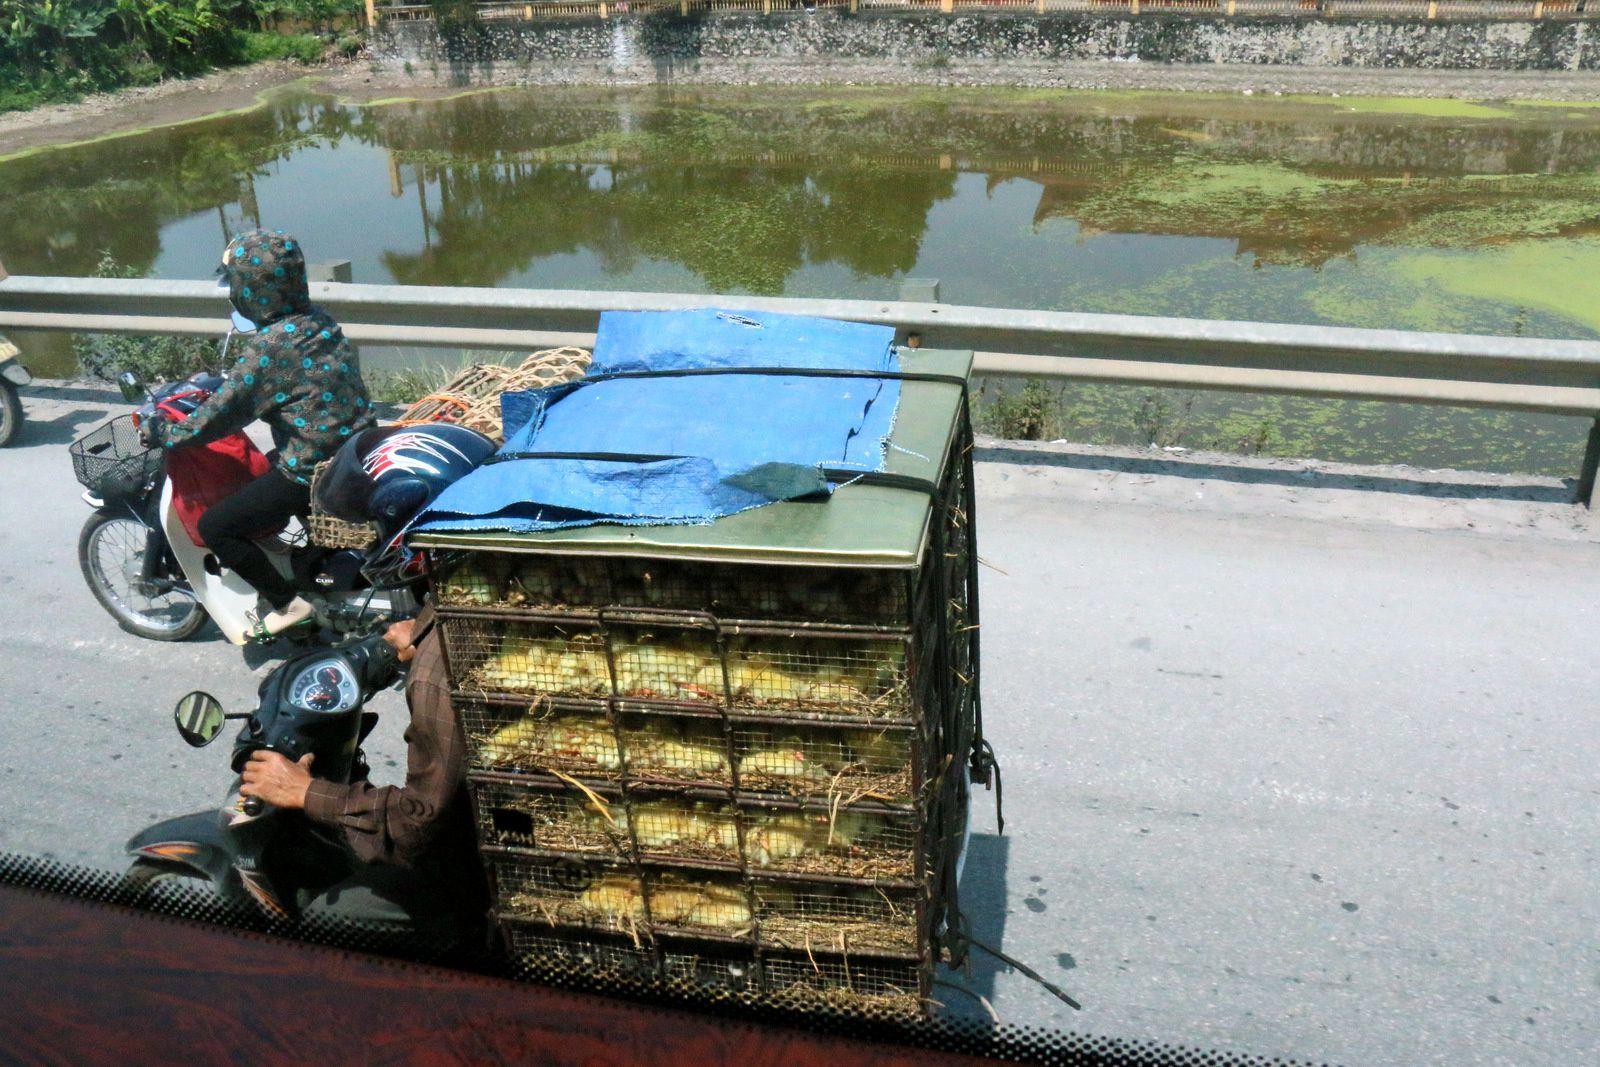 Sur la route aux environs de Hanoï, Vietnam